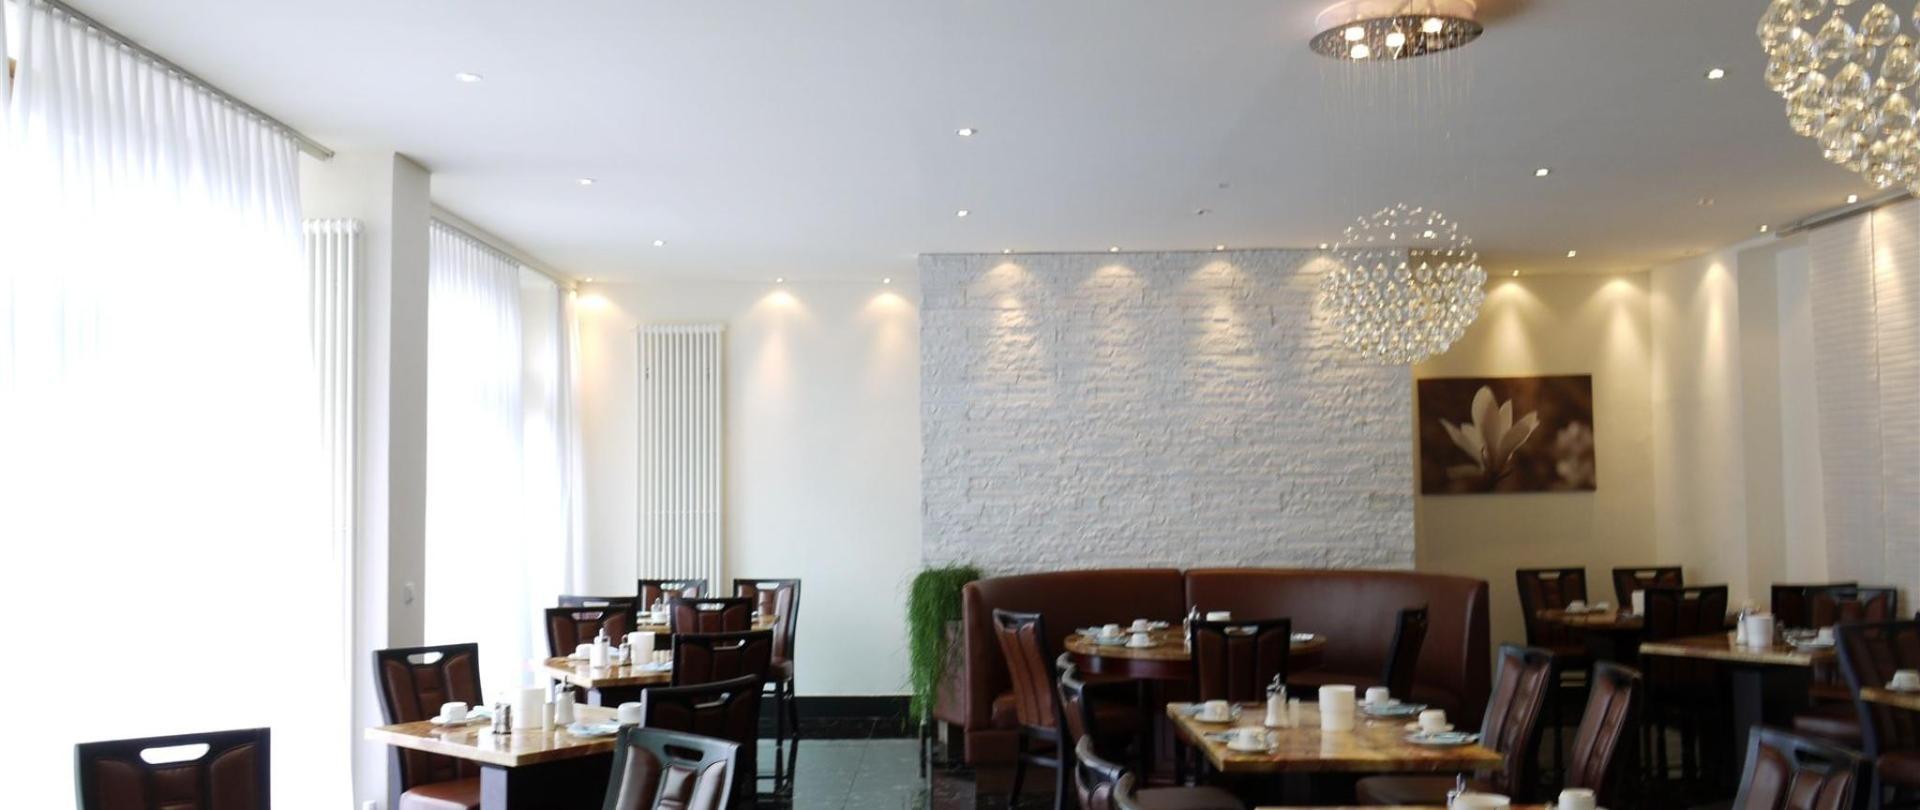 comfort-hotel-atlantic-muenchen-sued-ge208-breakfast-room.JPG